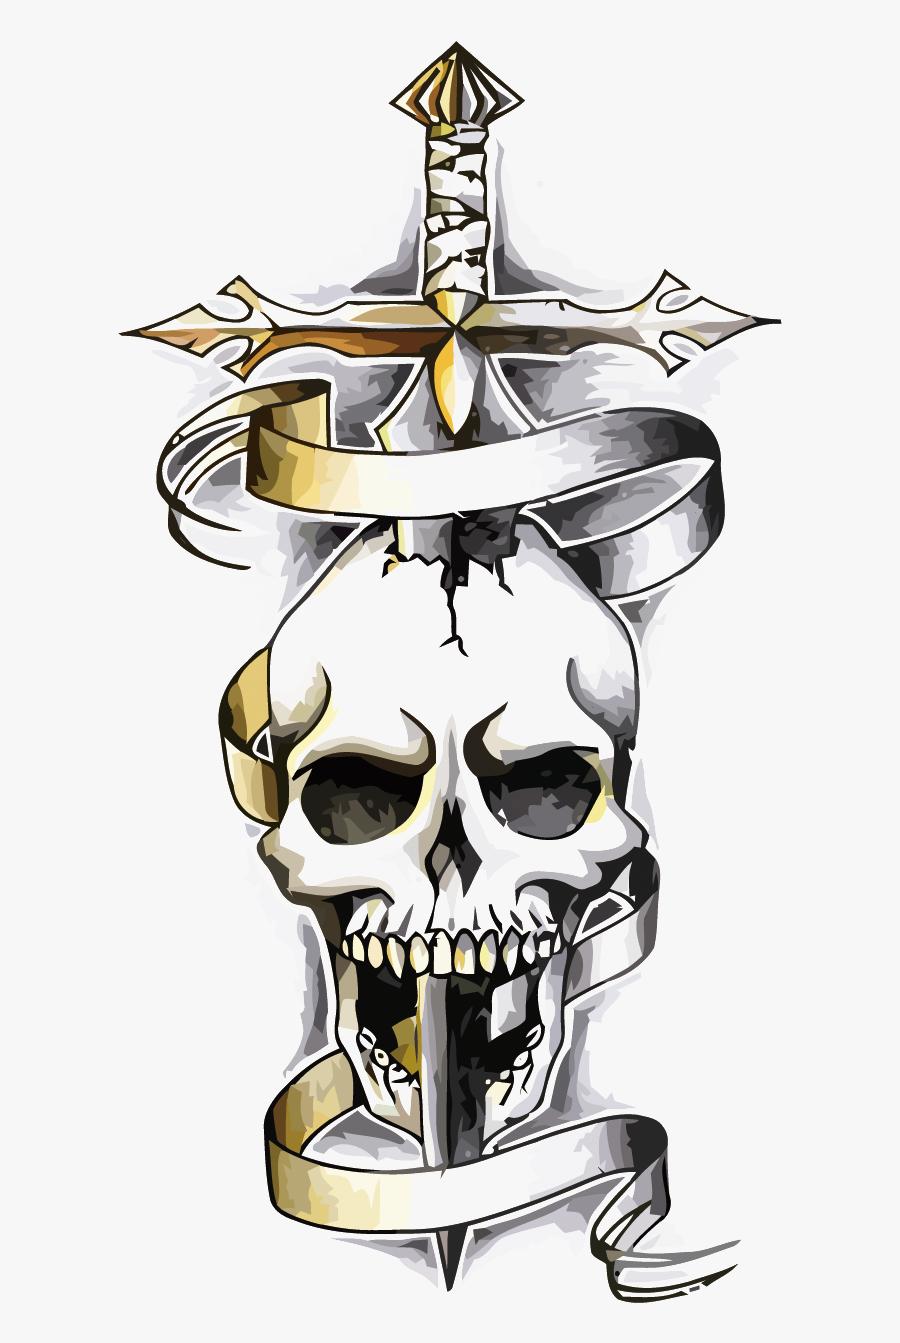 Tattoo Skeleton Skull Dragon Vector Snake Human Clipart - Dagger Skull Tattoo Designs, Transparent Clipart